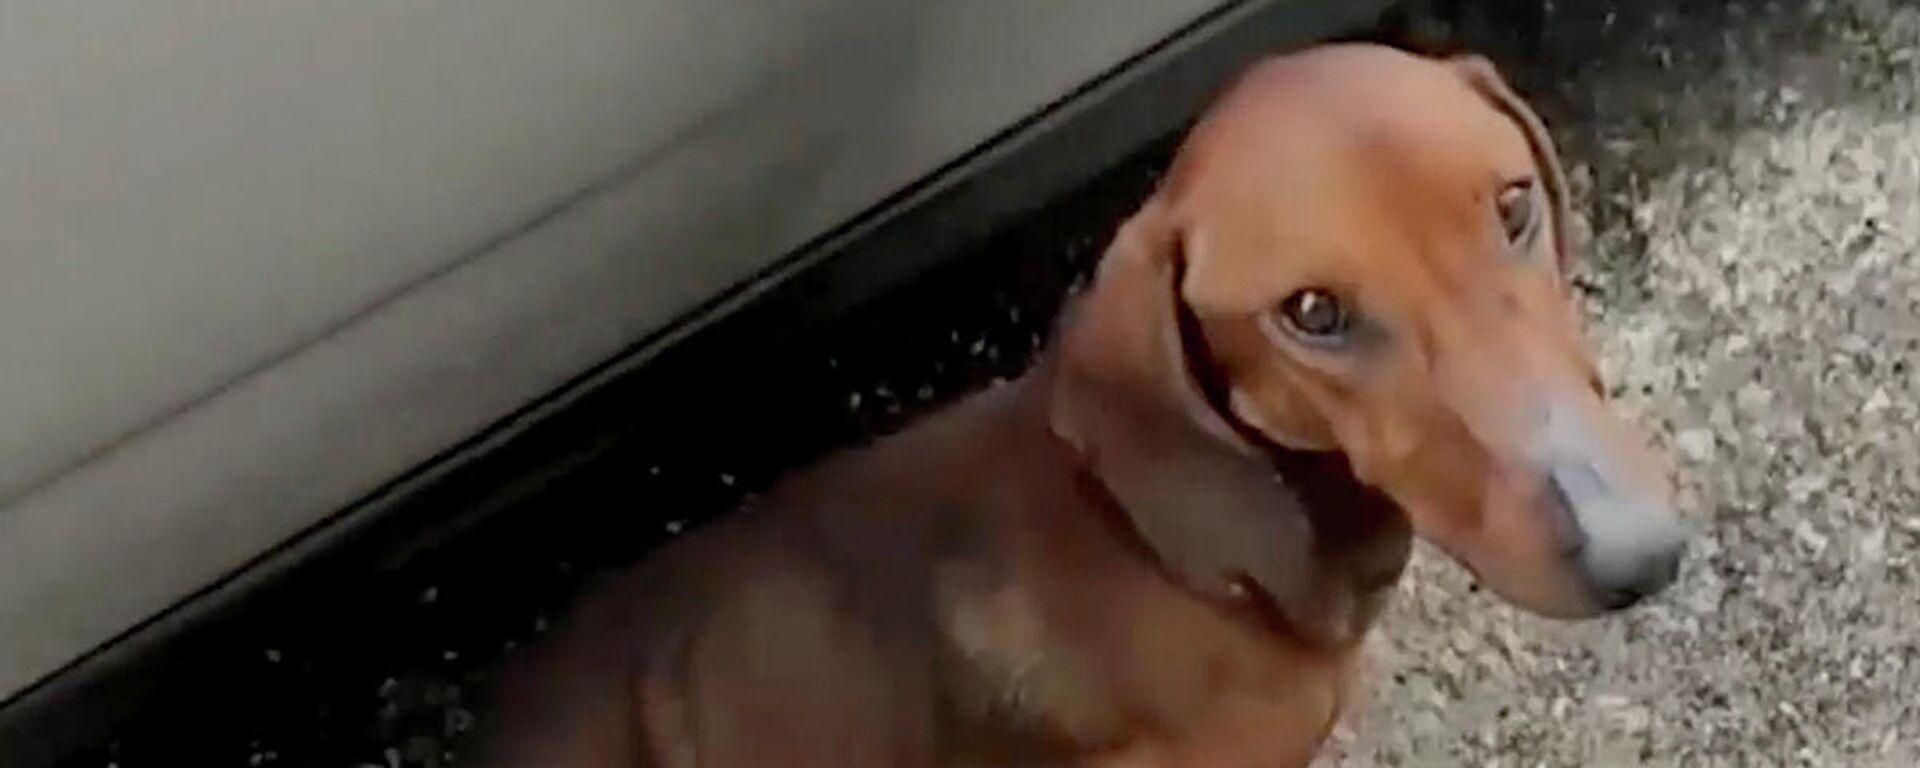 Μάτια γεμάτα ευγνωμοσύνη: Άνδρας σώζει υποσιτισμένο σκύλο που εγκαταλείφθηκε σε αυτοκινητόδρομο  - Sputnik Ελλάδα, 1920, 03.10.2021